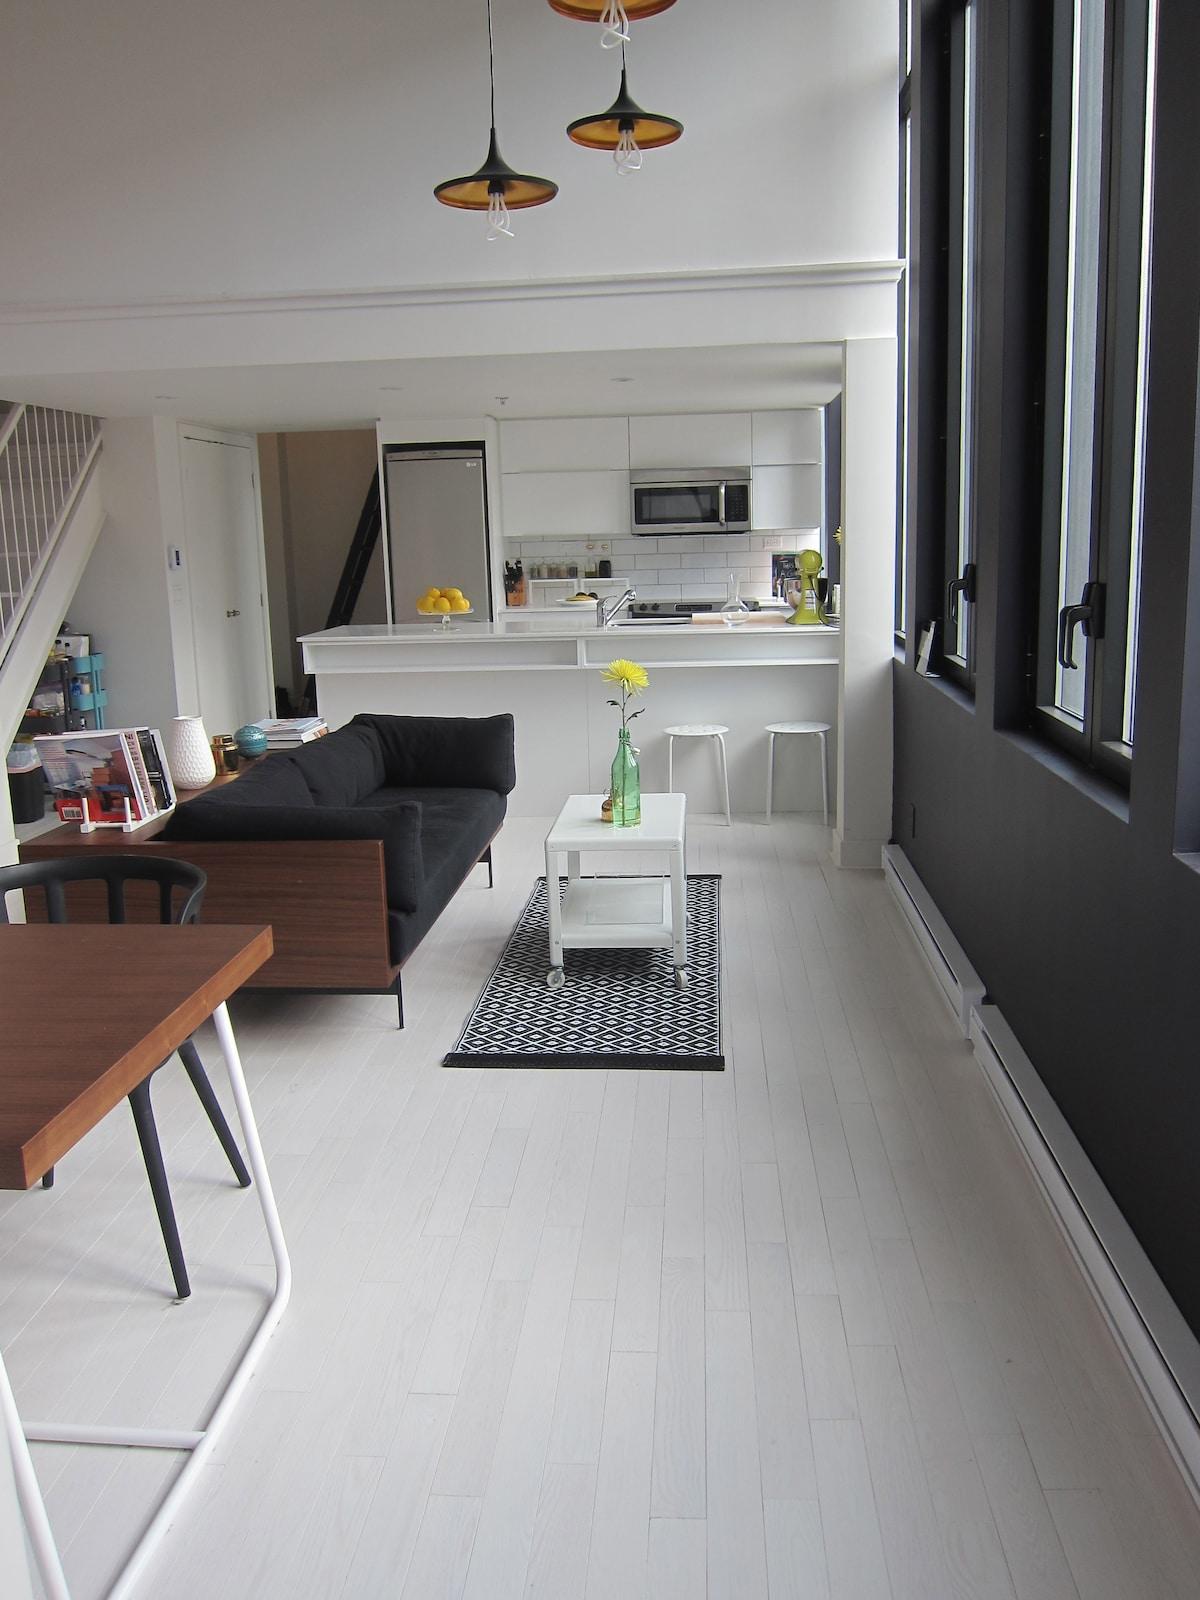 Open concept kitchen overlooking salon.